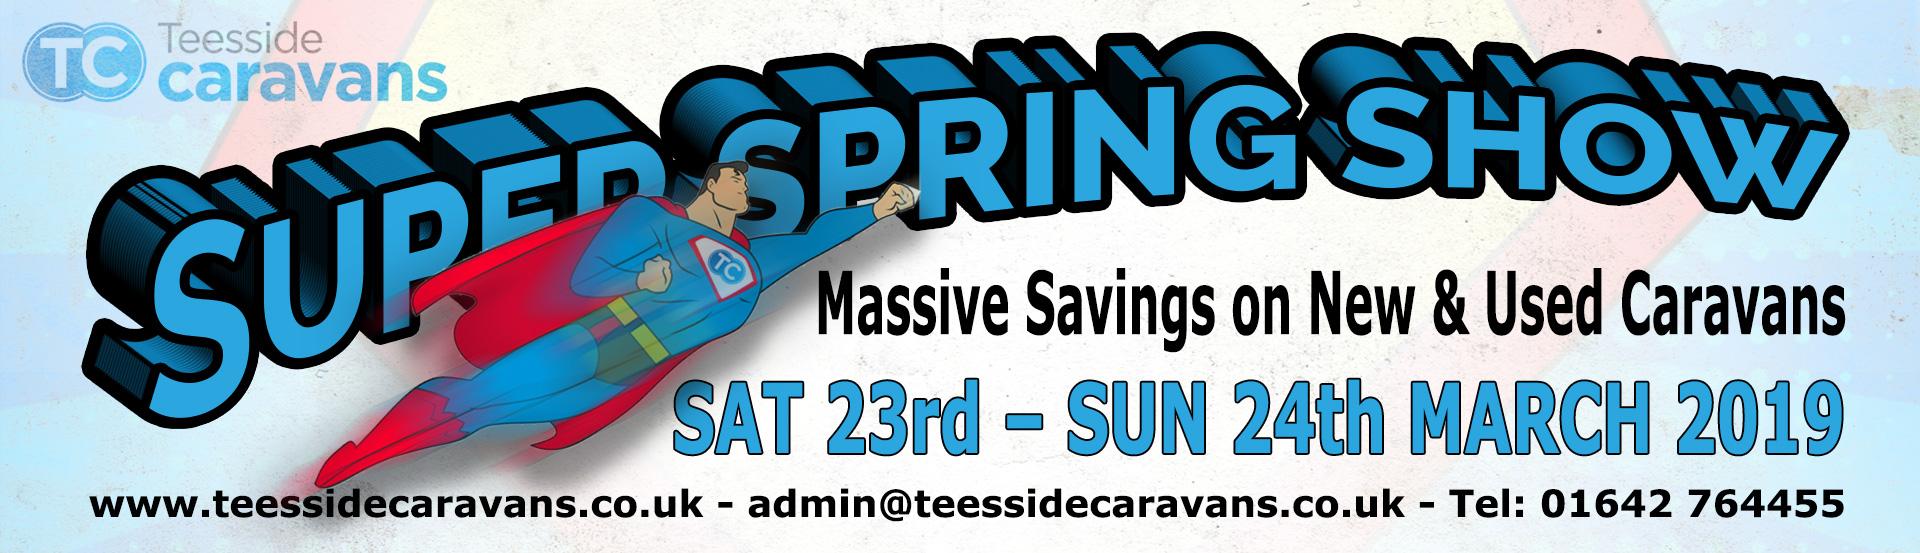 Super Spring Show